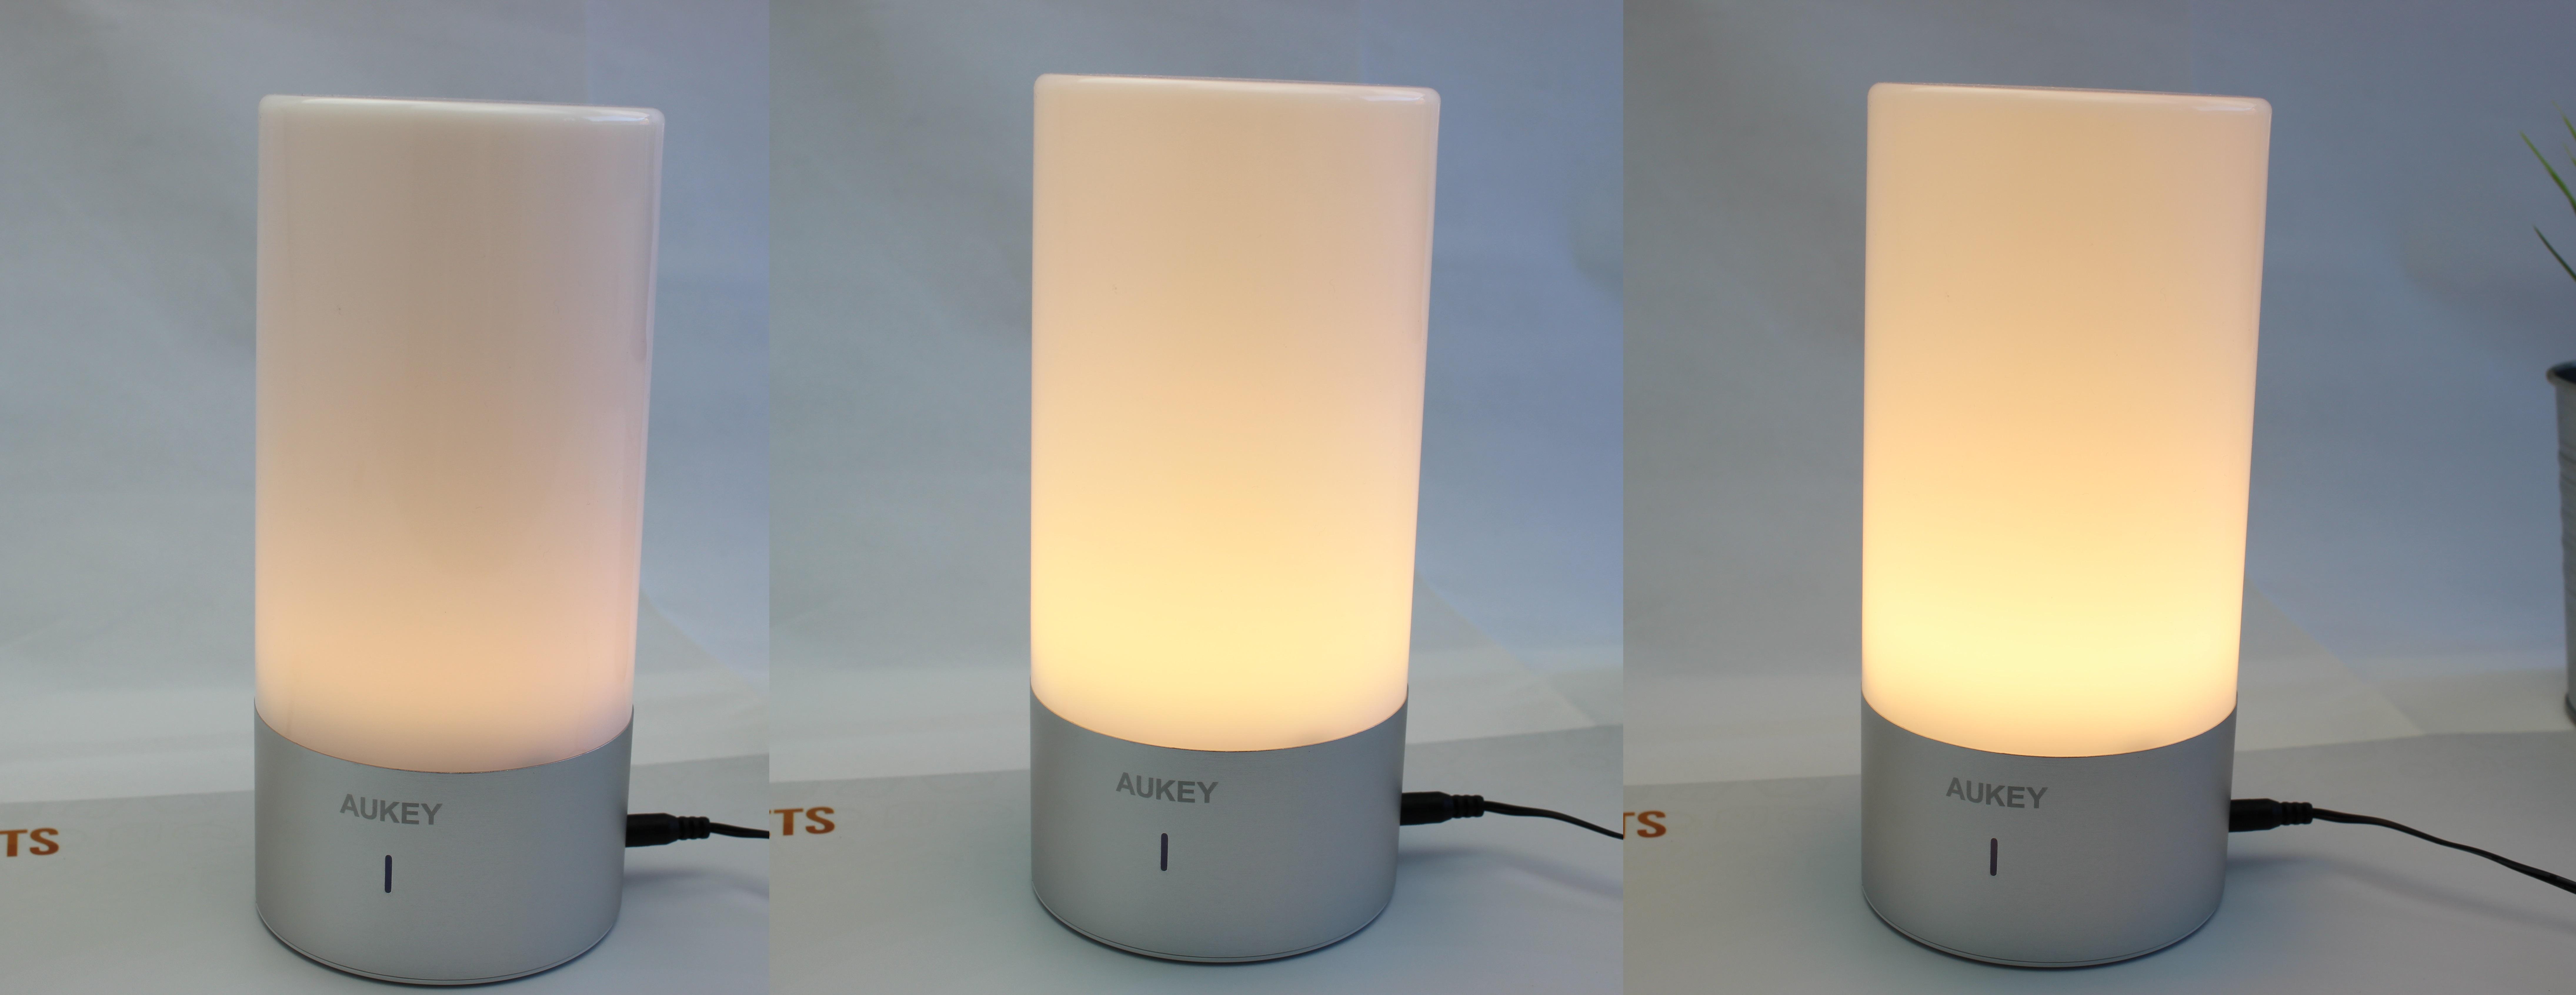 aukey nachttischlampe lt t6 mit rgb modus und drei. Black Bedroom Furniture Sets. Home Design Ideas